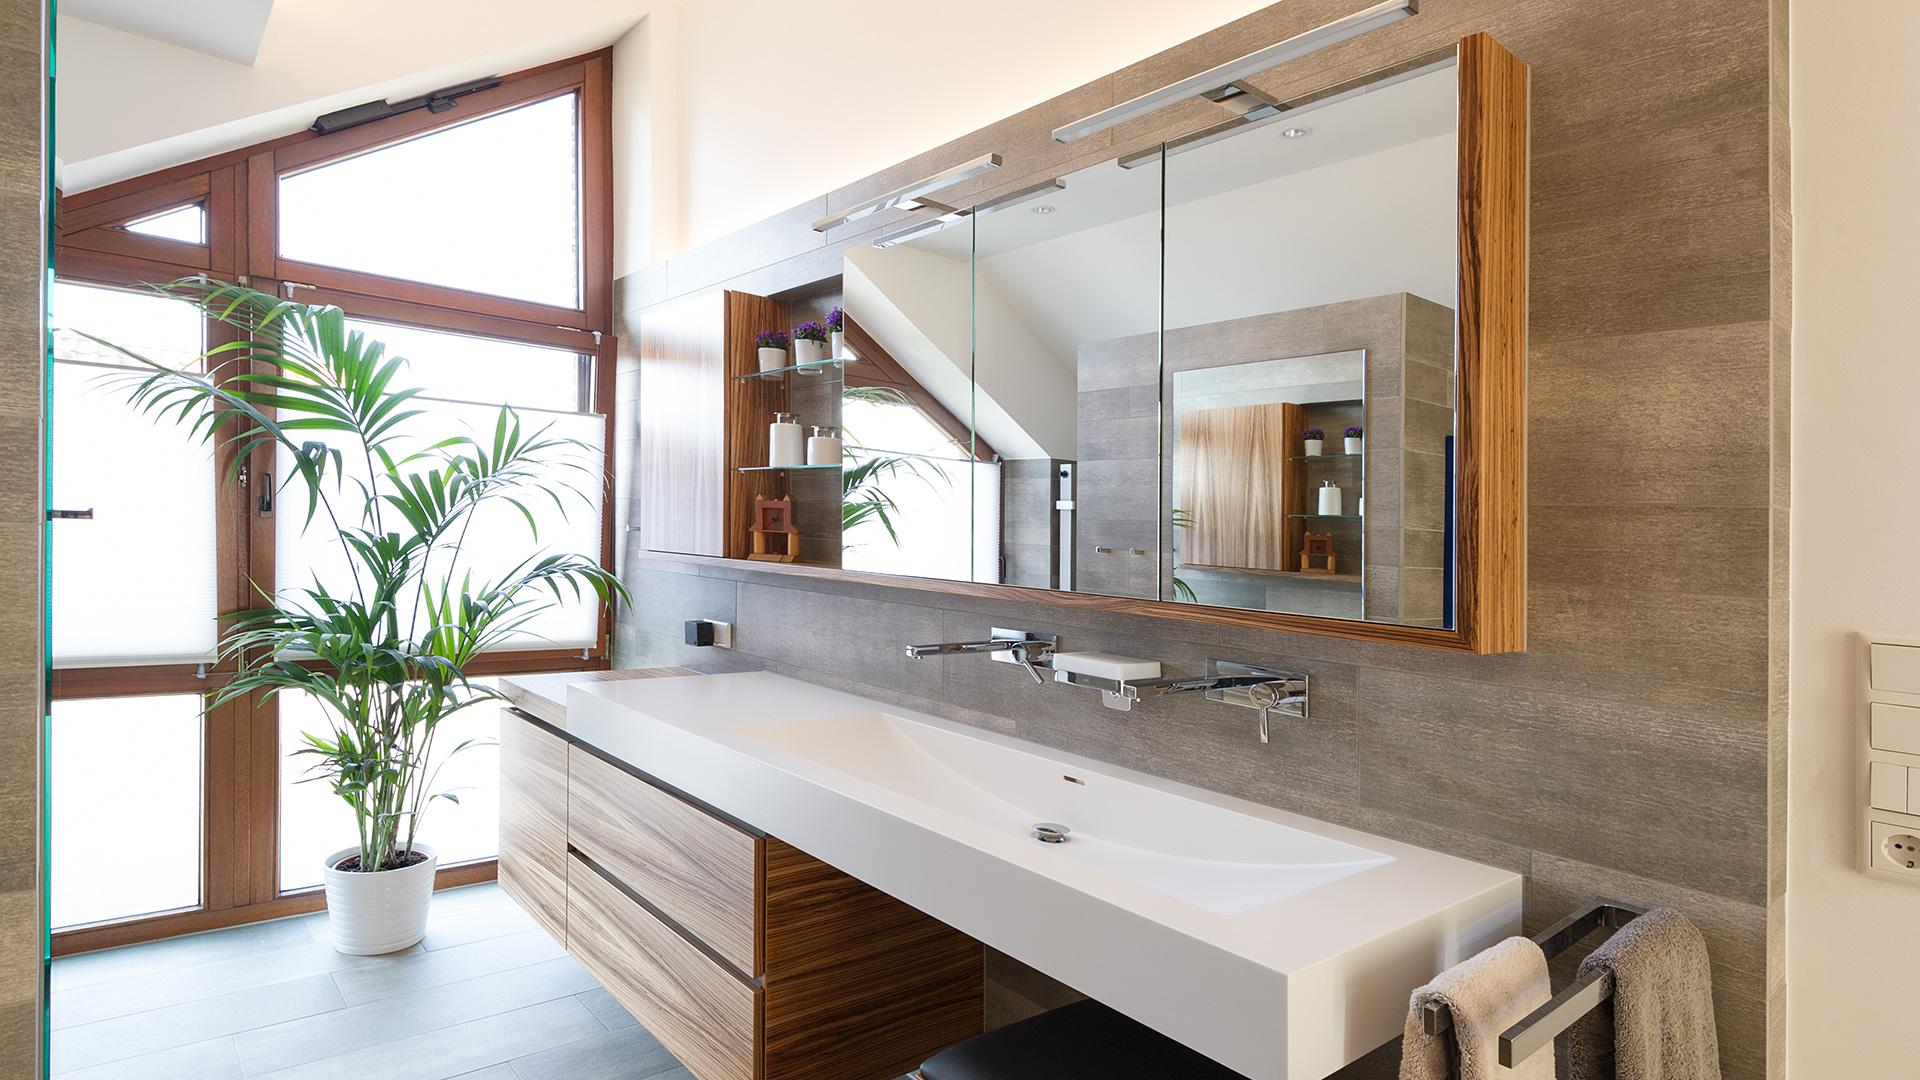 Tolle Waschtischanlage vor großem Fenster in Borken